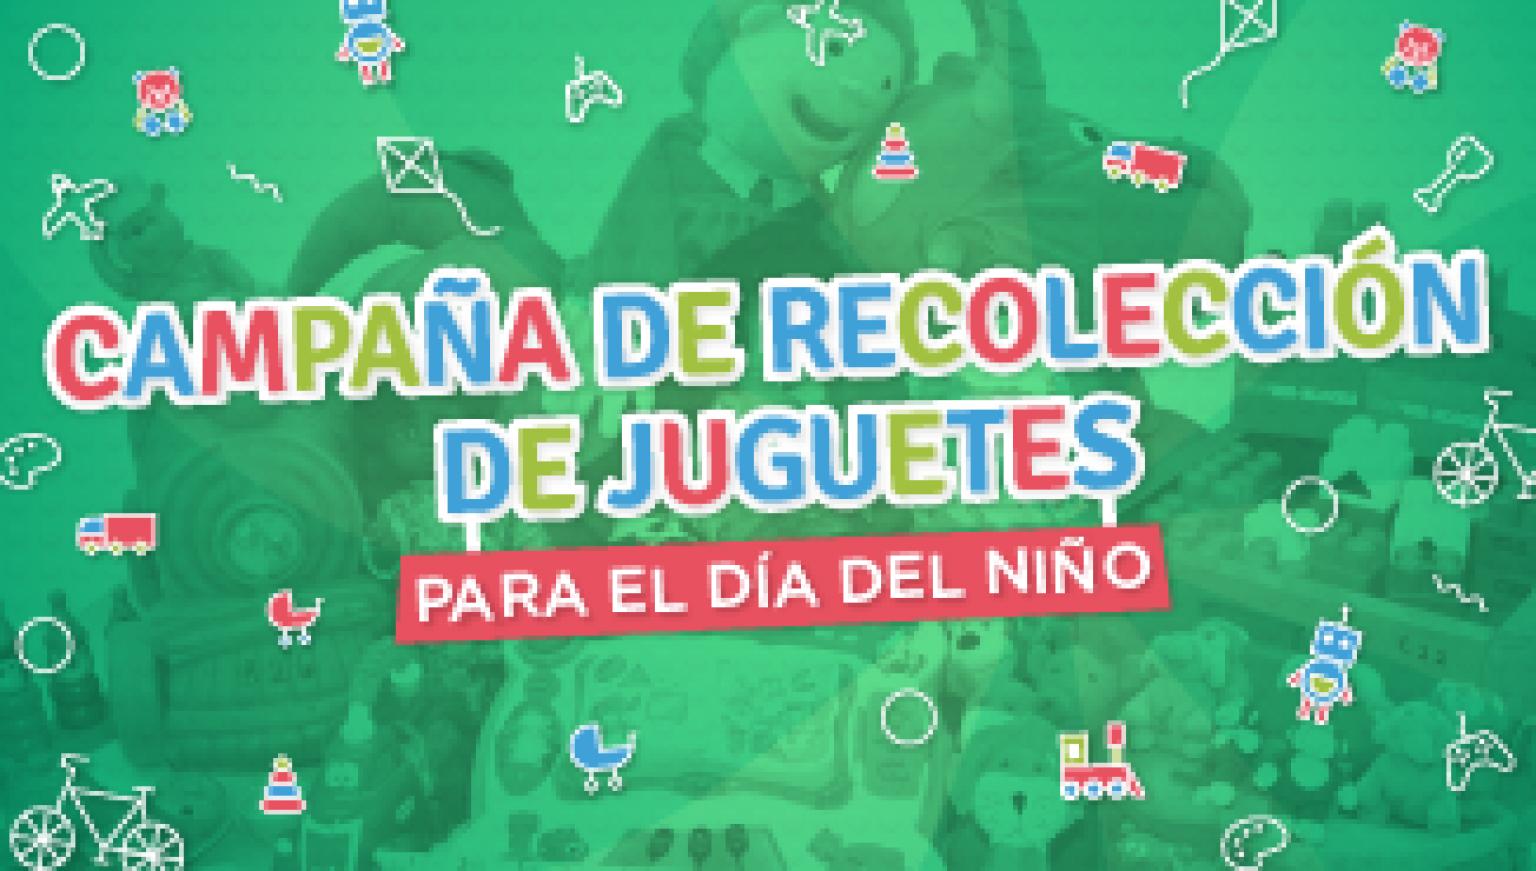 Campaña de recolección de juguetes por el Día del Niño